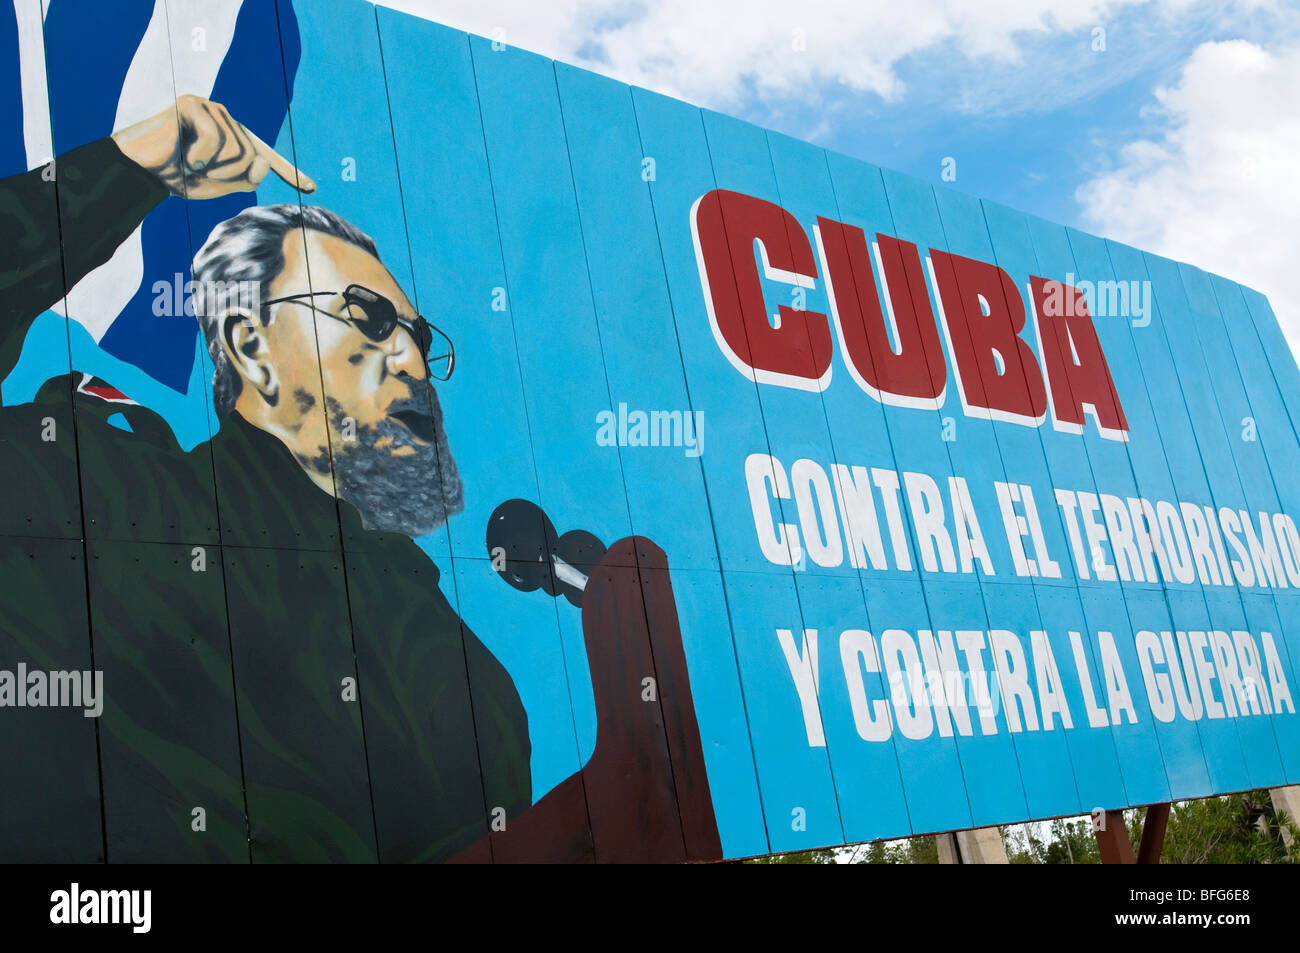 Political propaganda billboard for Fidel Castro communism, Cuba - Stock Image